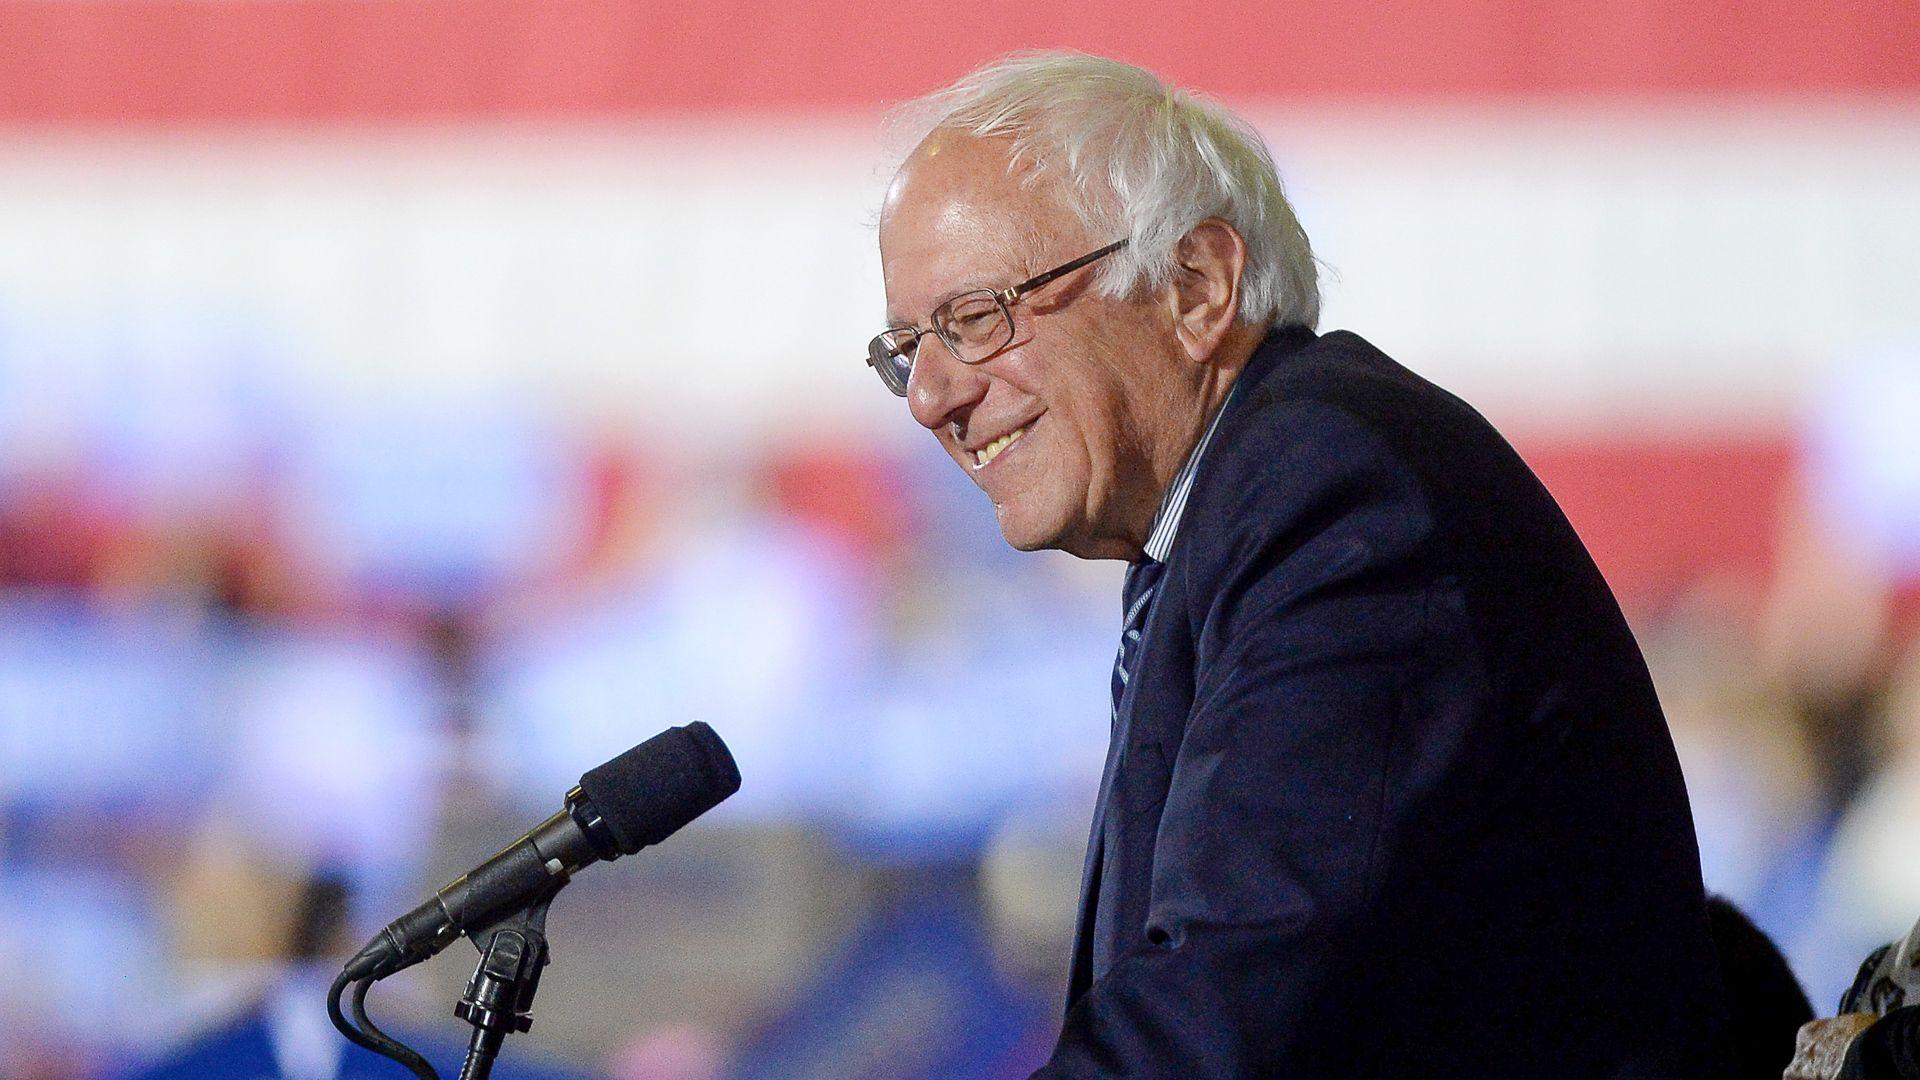 Democrat Presidential candidate Bernie Sanders